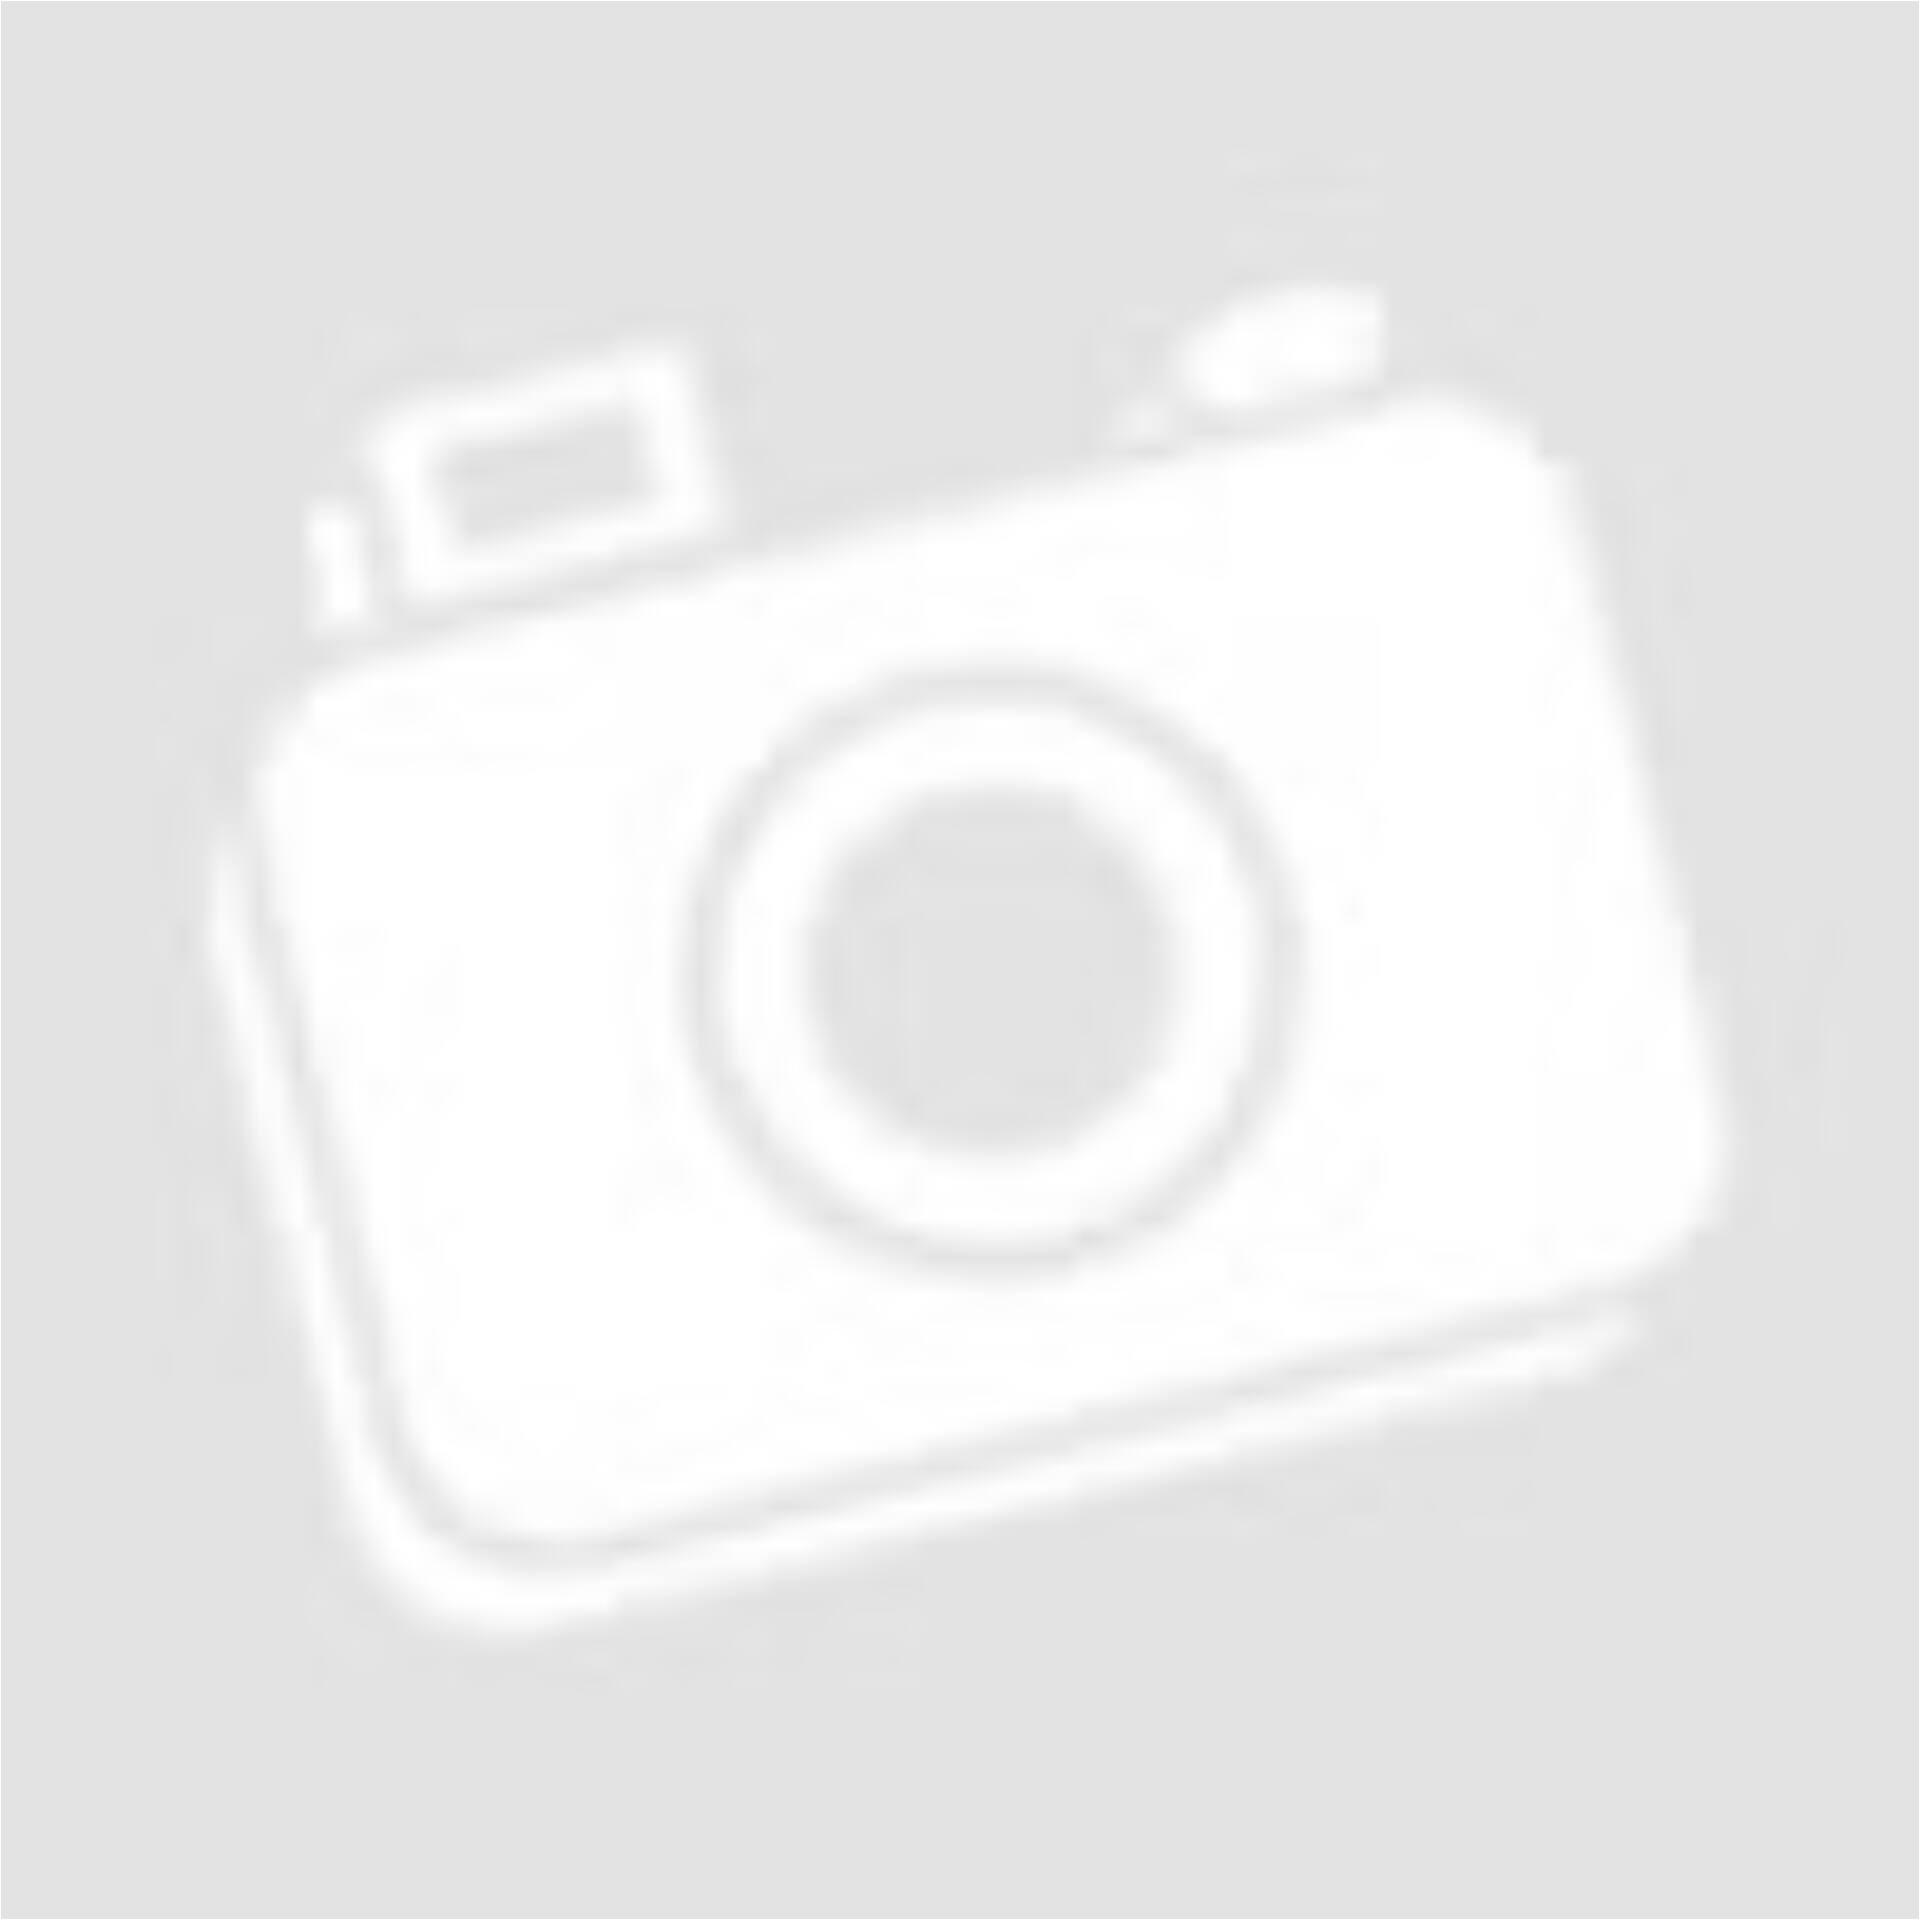 11896e1748 Kép 1/2 - ZARA BABY zöld színű nyomott mintás fiú póló (Méret: 6 hó (68))